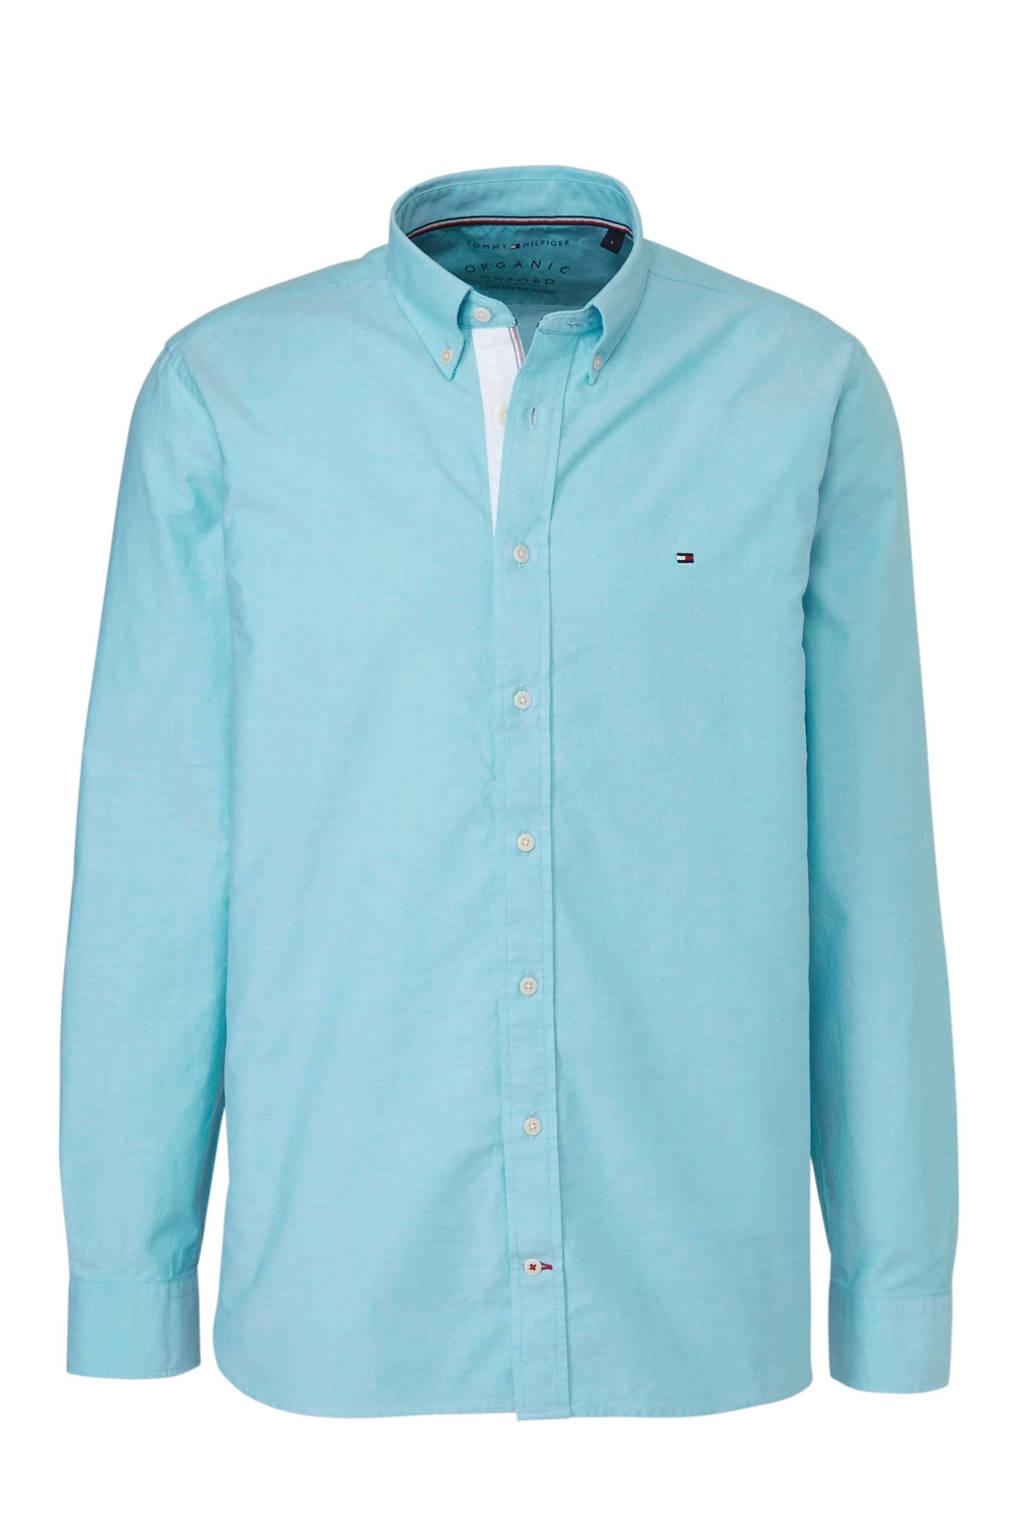 Tommy Hilfiger regular fit overhemd blauw, Blauw